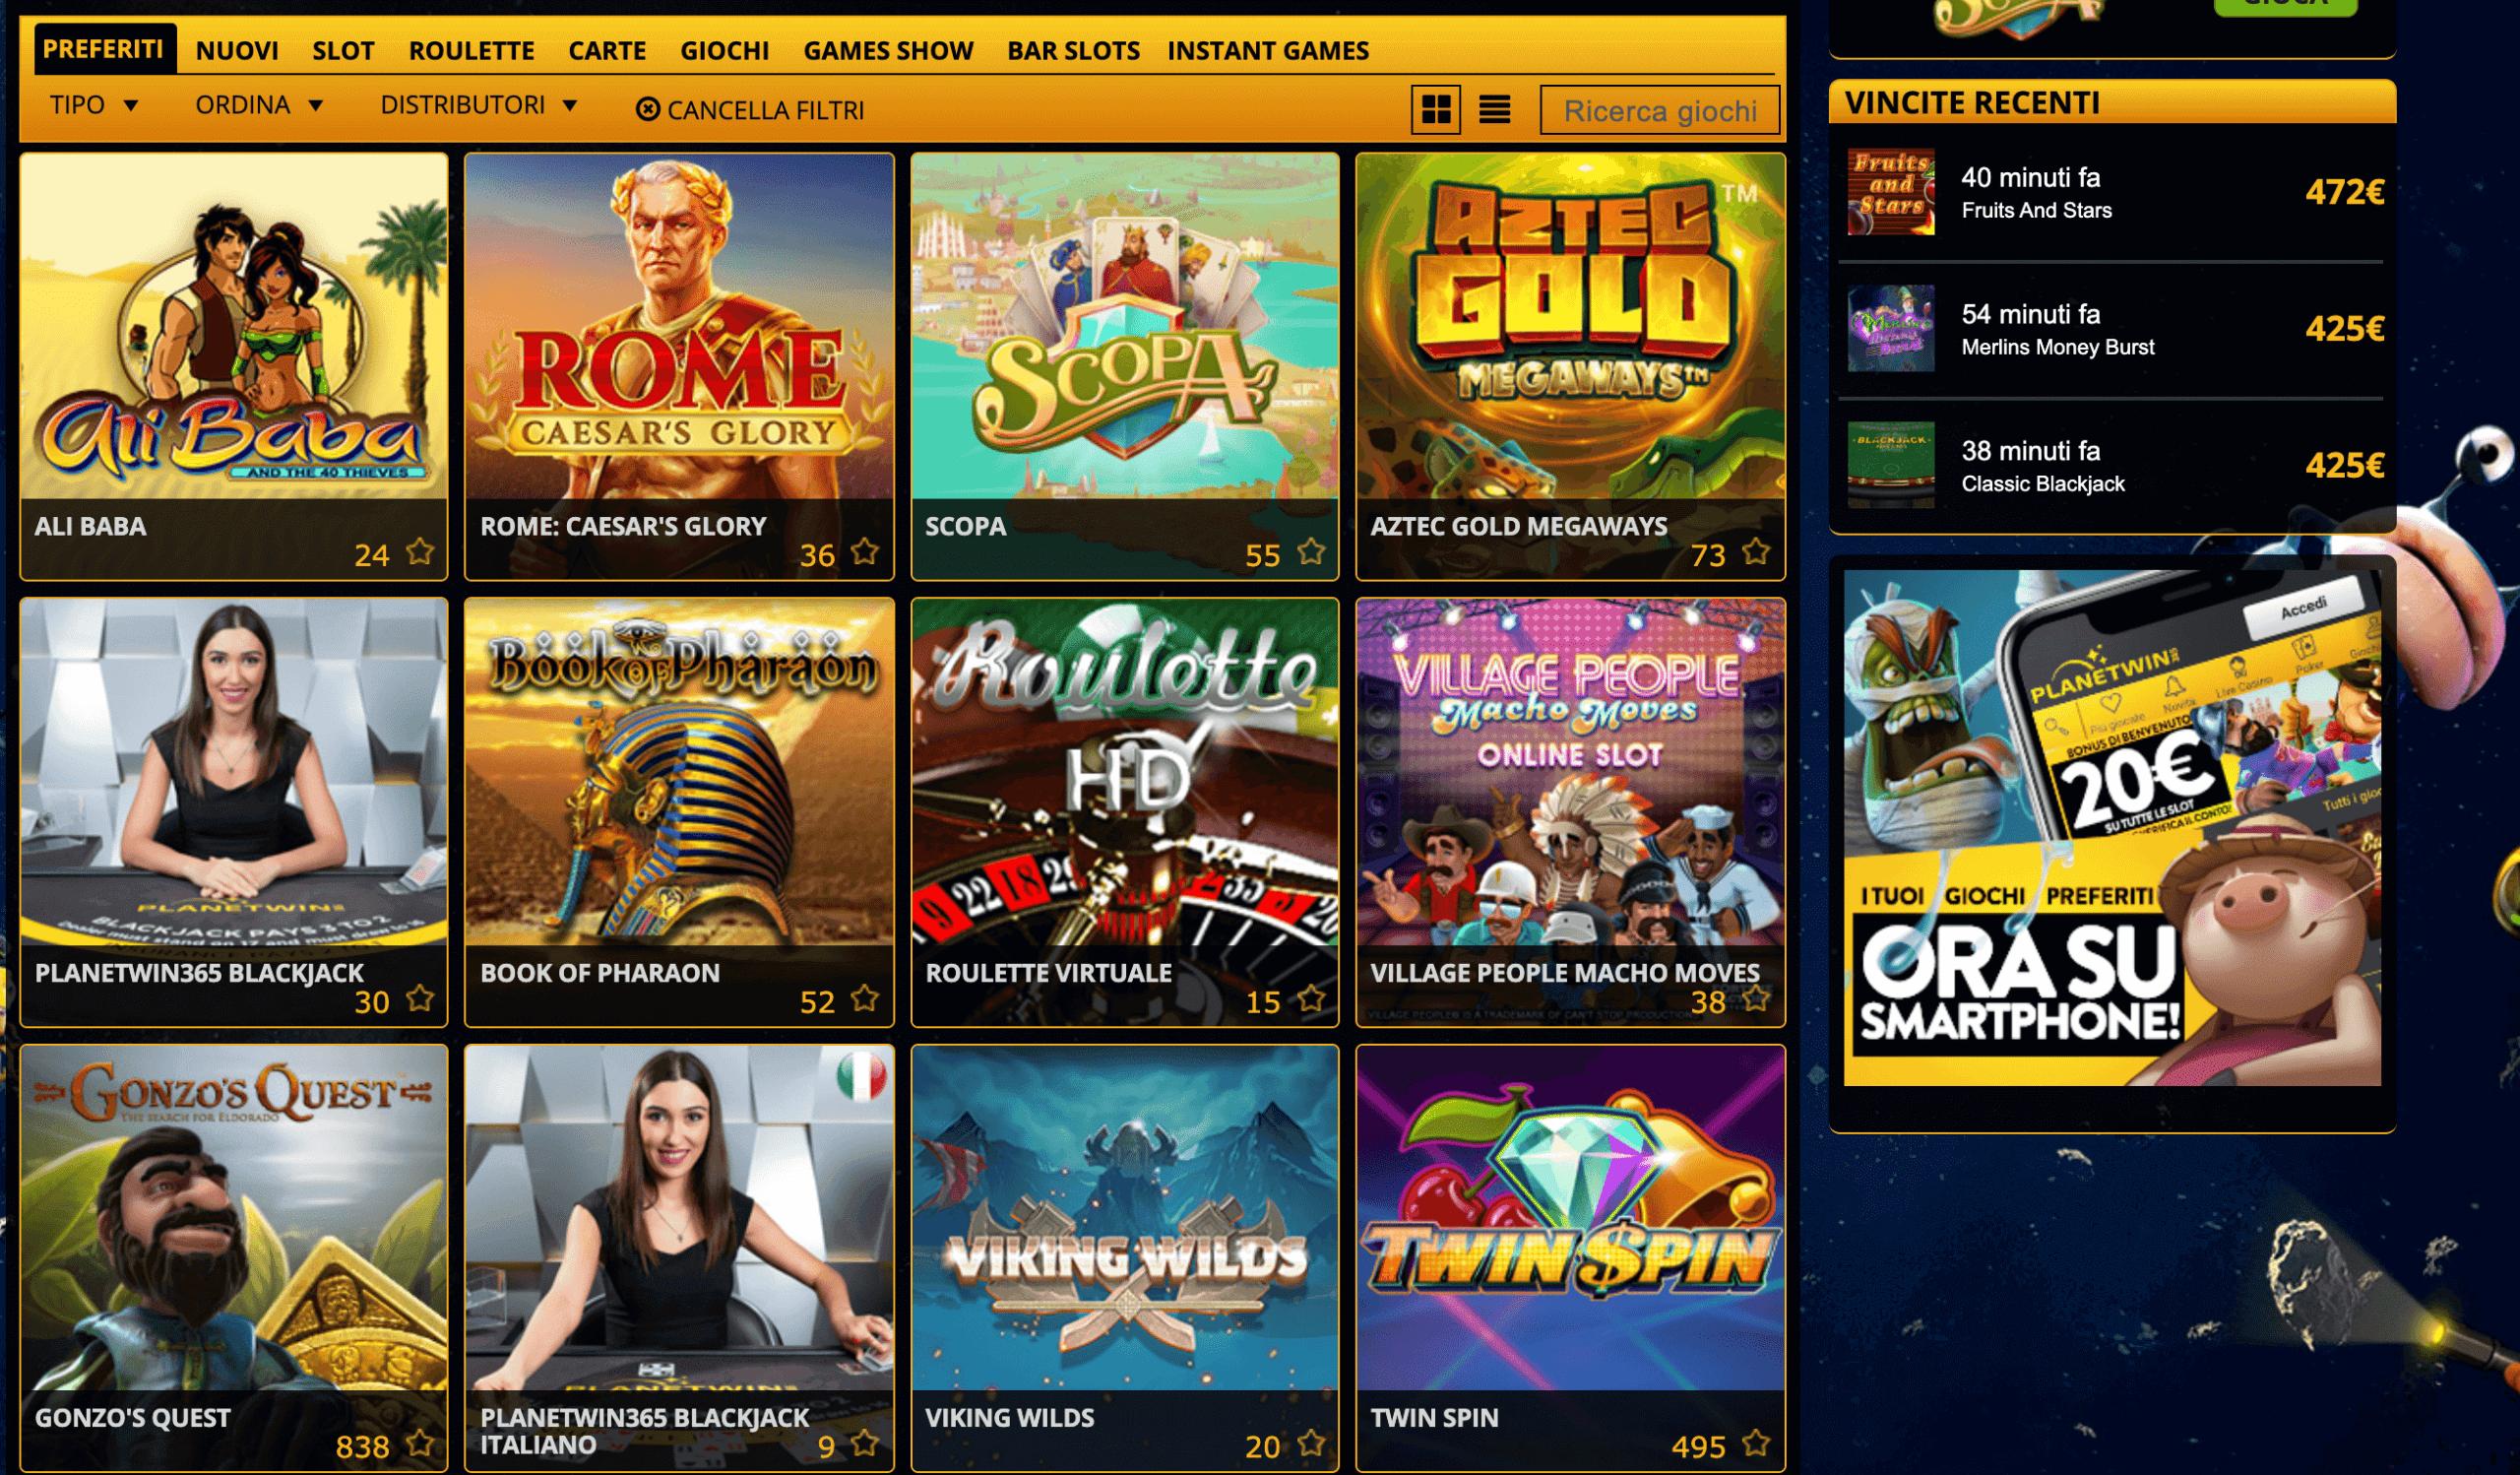 Planetwin365 Slot giochi